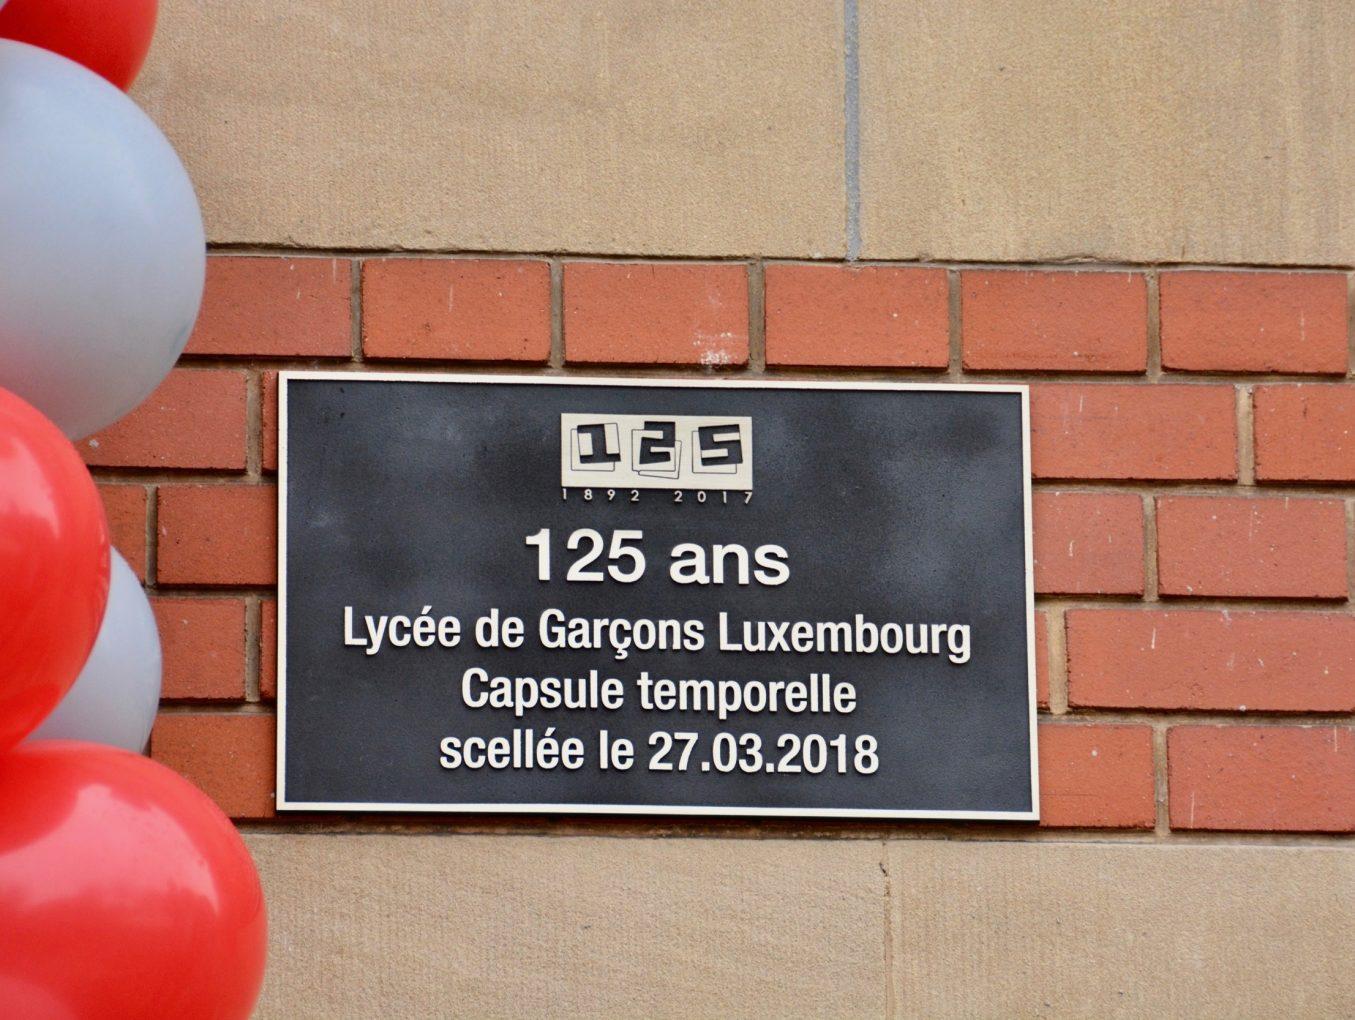 125 ans - Fête de clôture